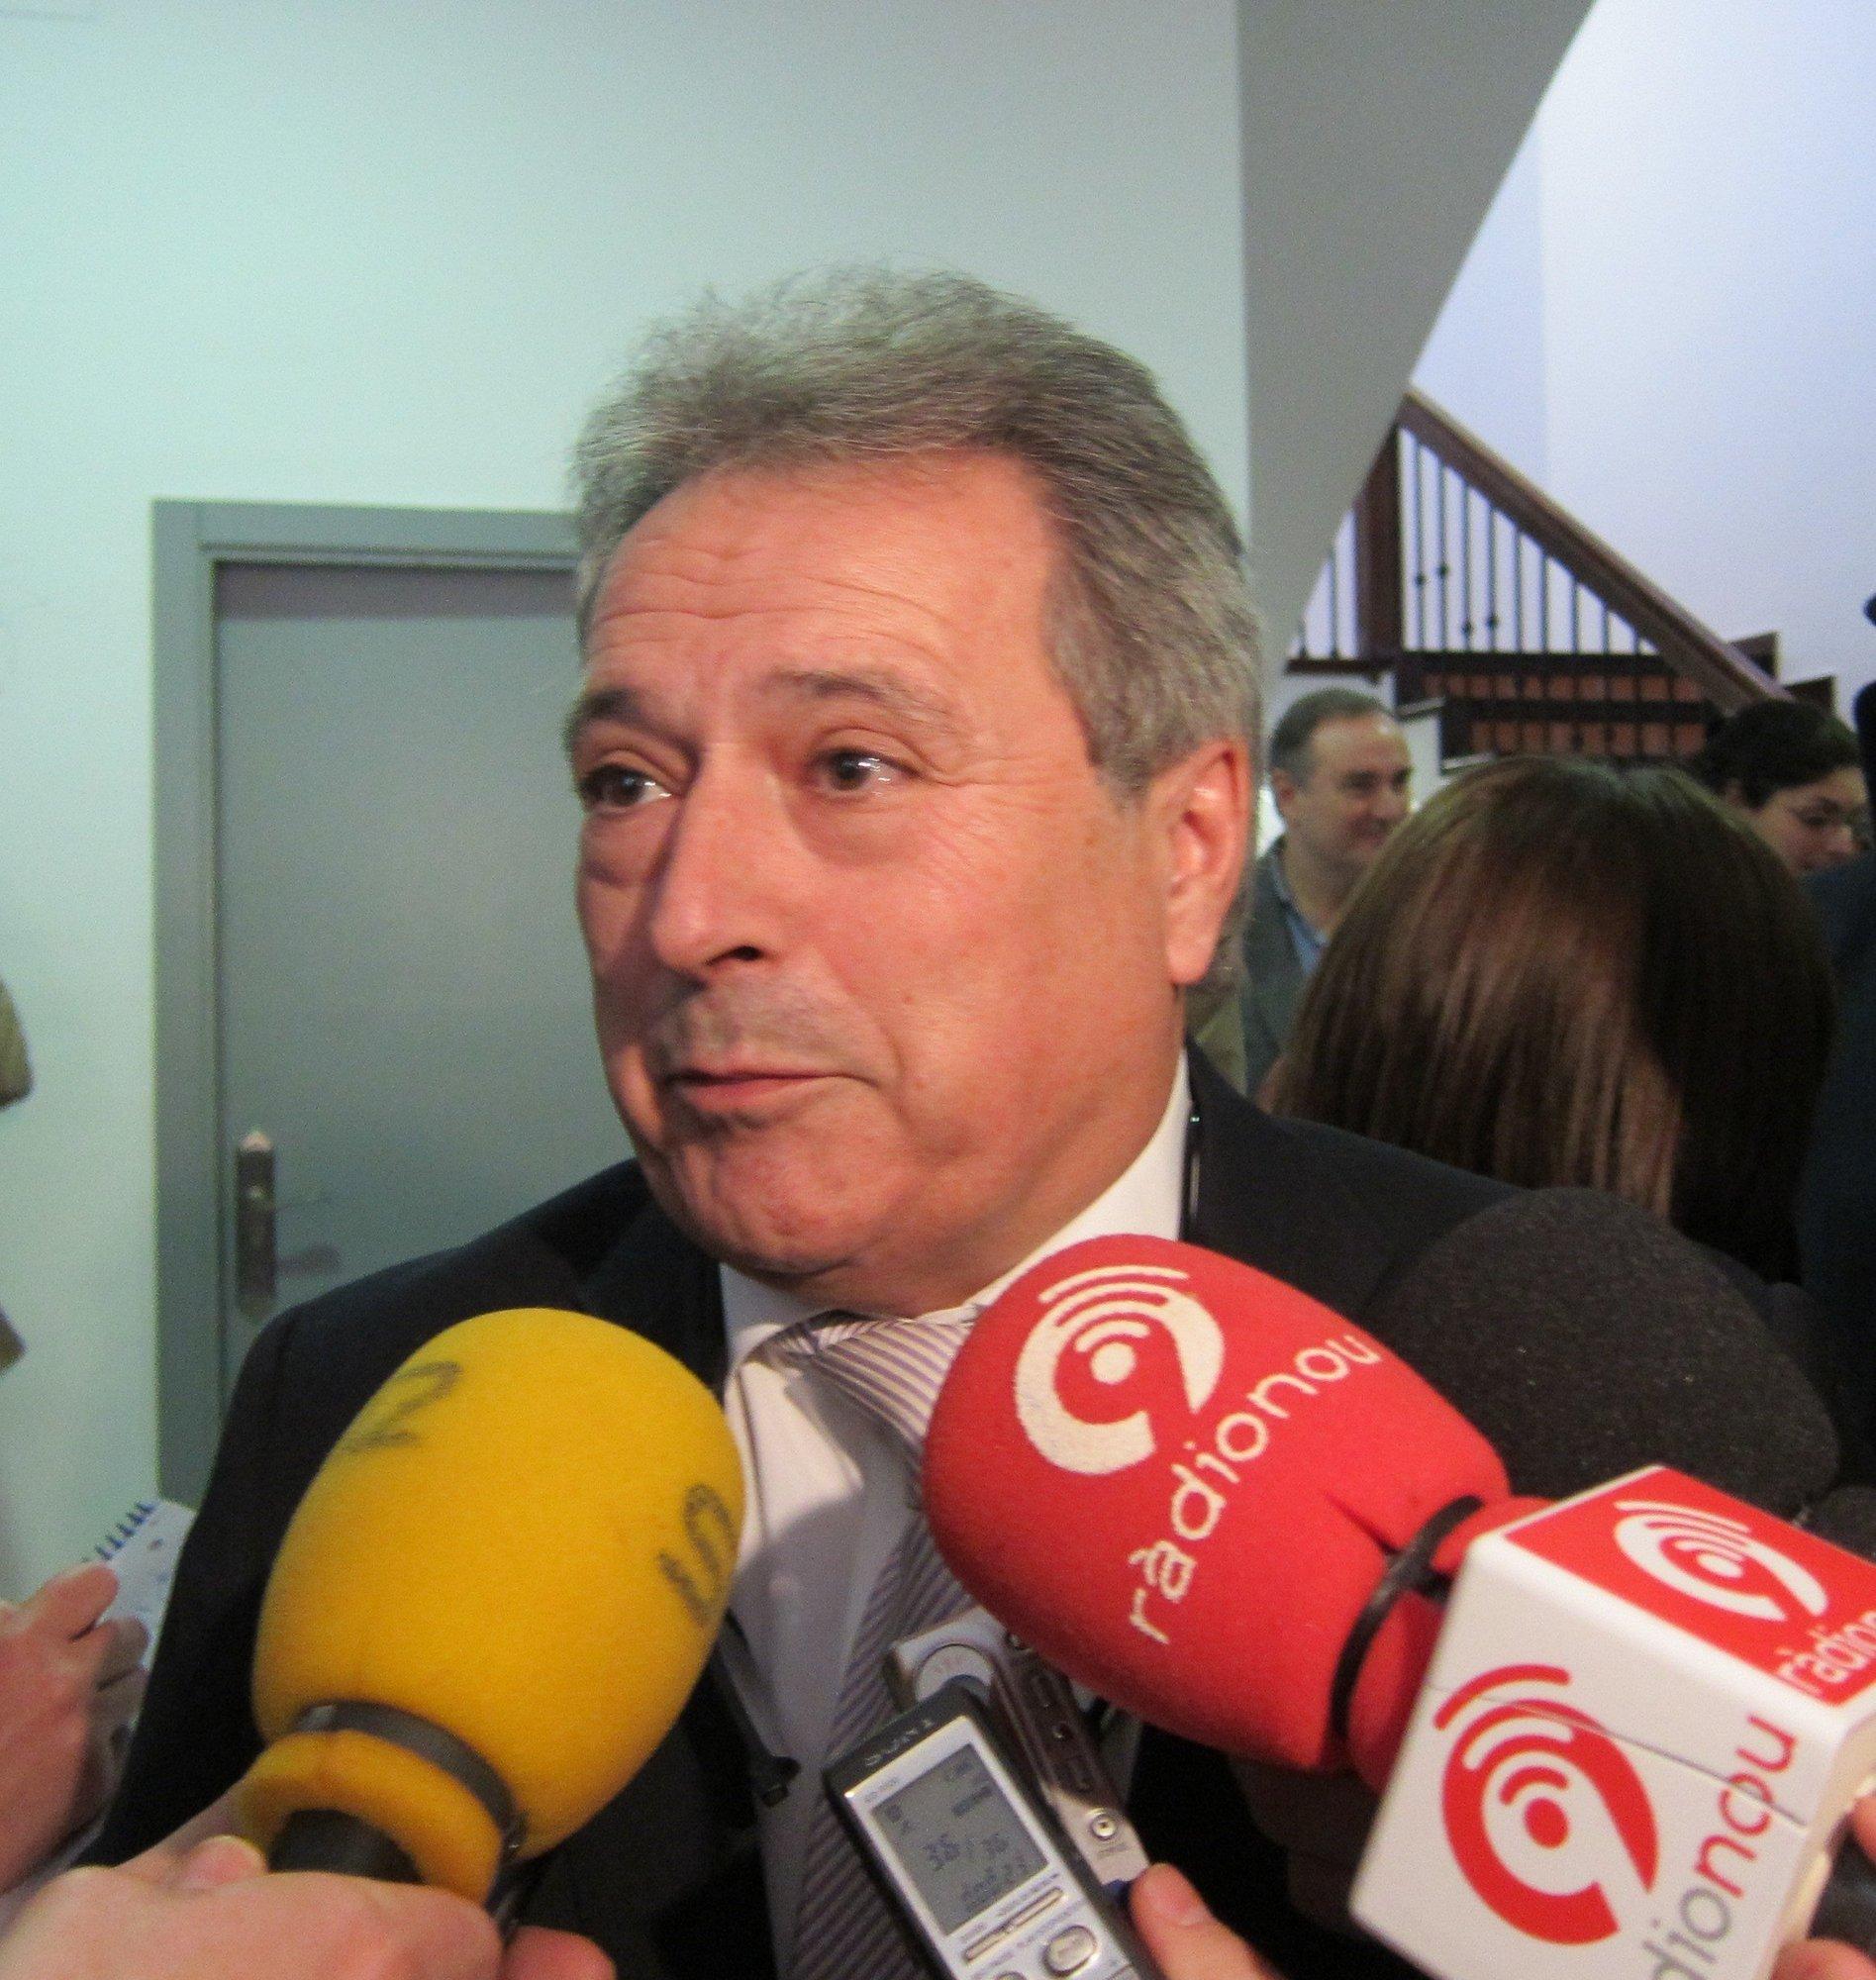 Rus cree que «la mejor opción» para el congreso del PPCV es «Alberto Fabra» por ser su presidente y jefe del Consell